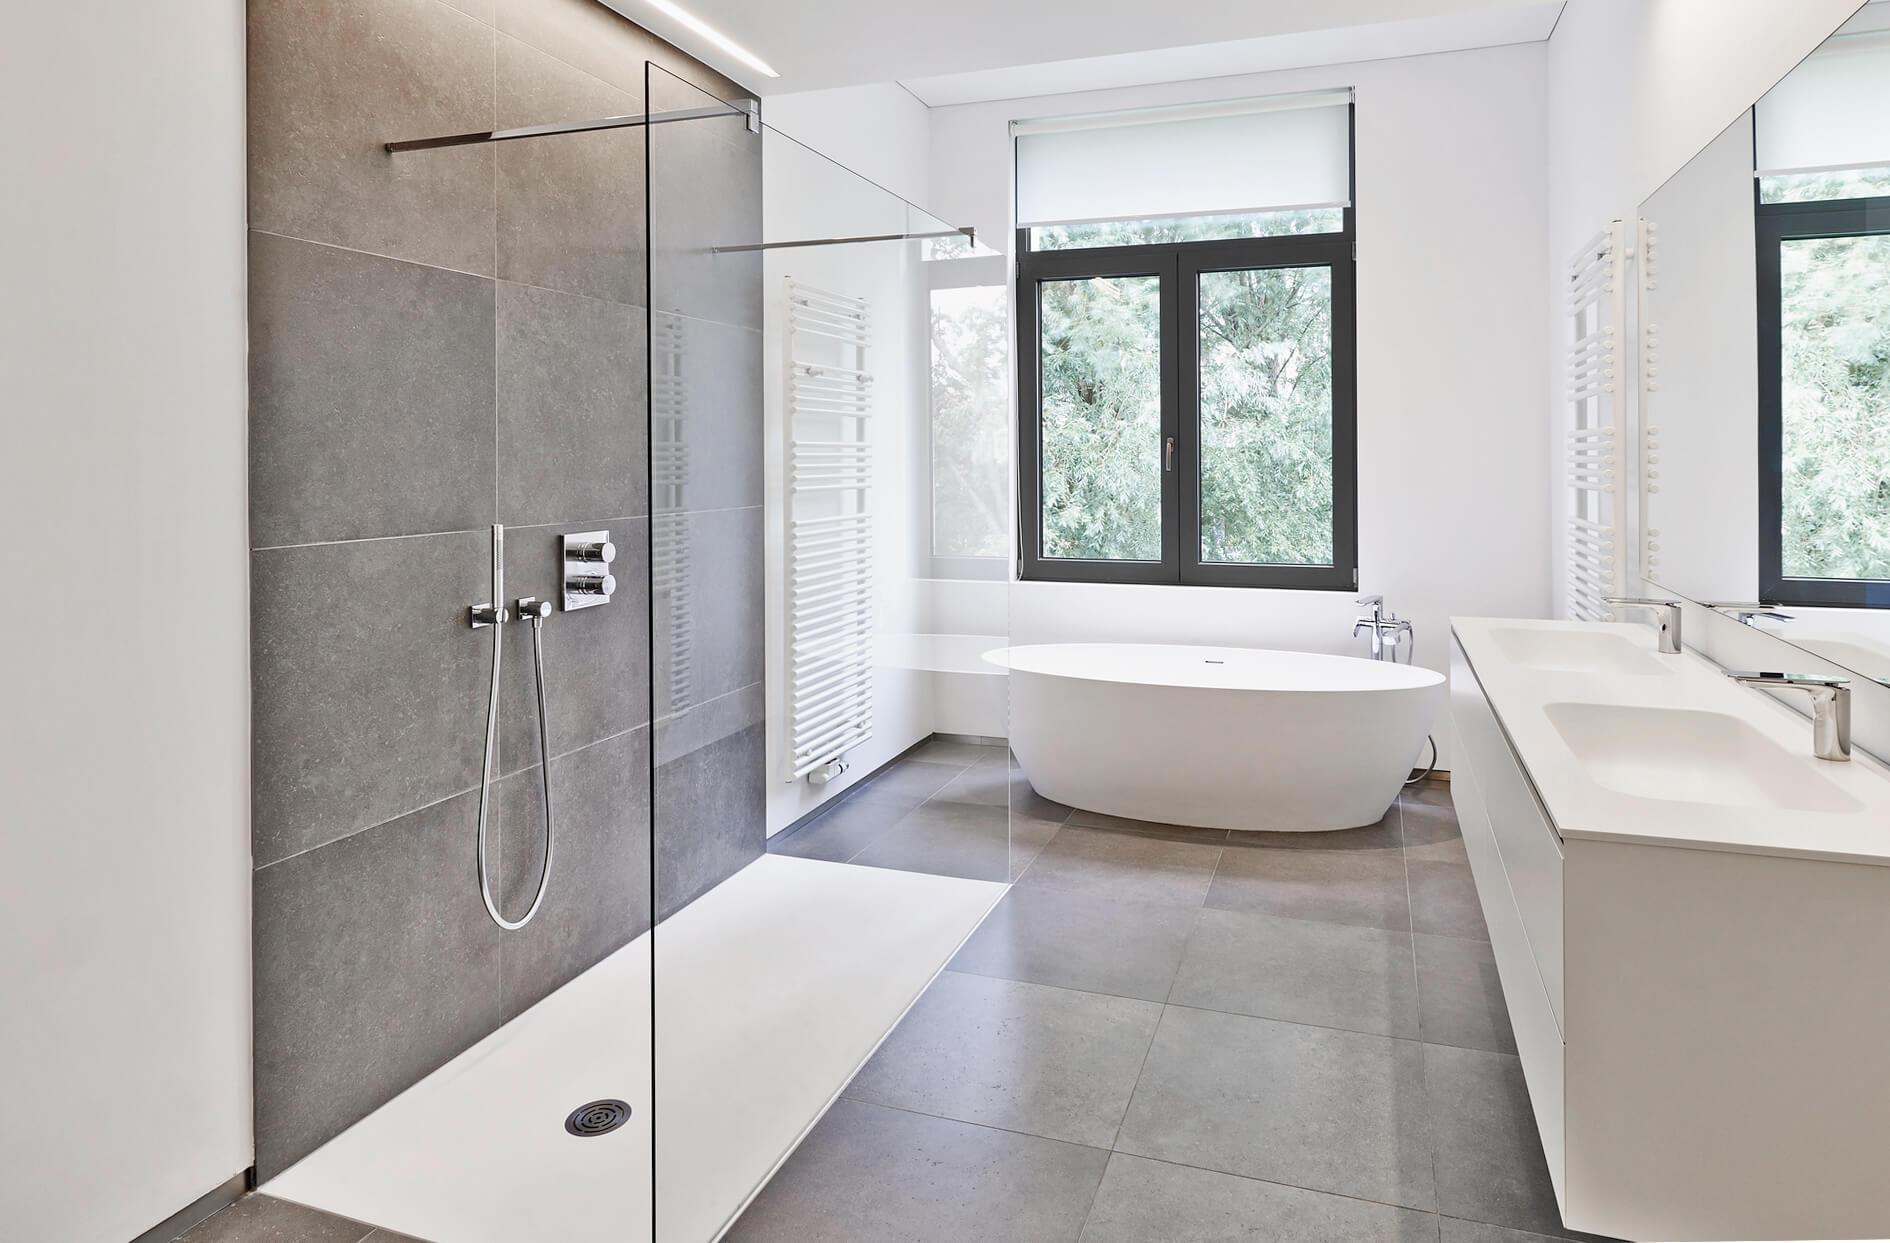 barrierefreie_altersgerechte_rollstuhlgerechte_Walk_In_Dusche_aus_Glas_im_modernen_Badezimmer